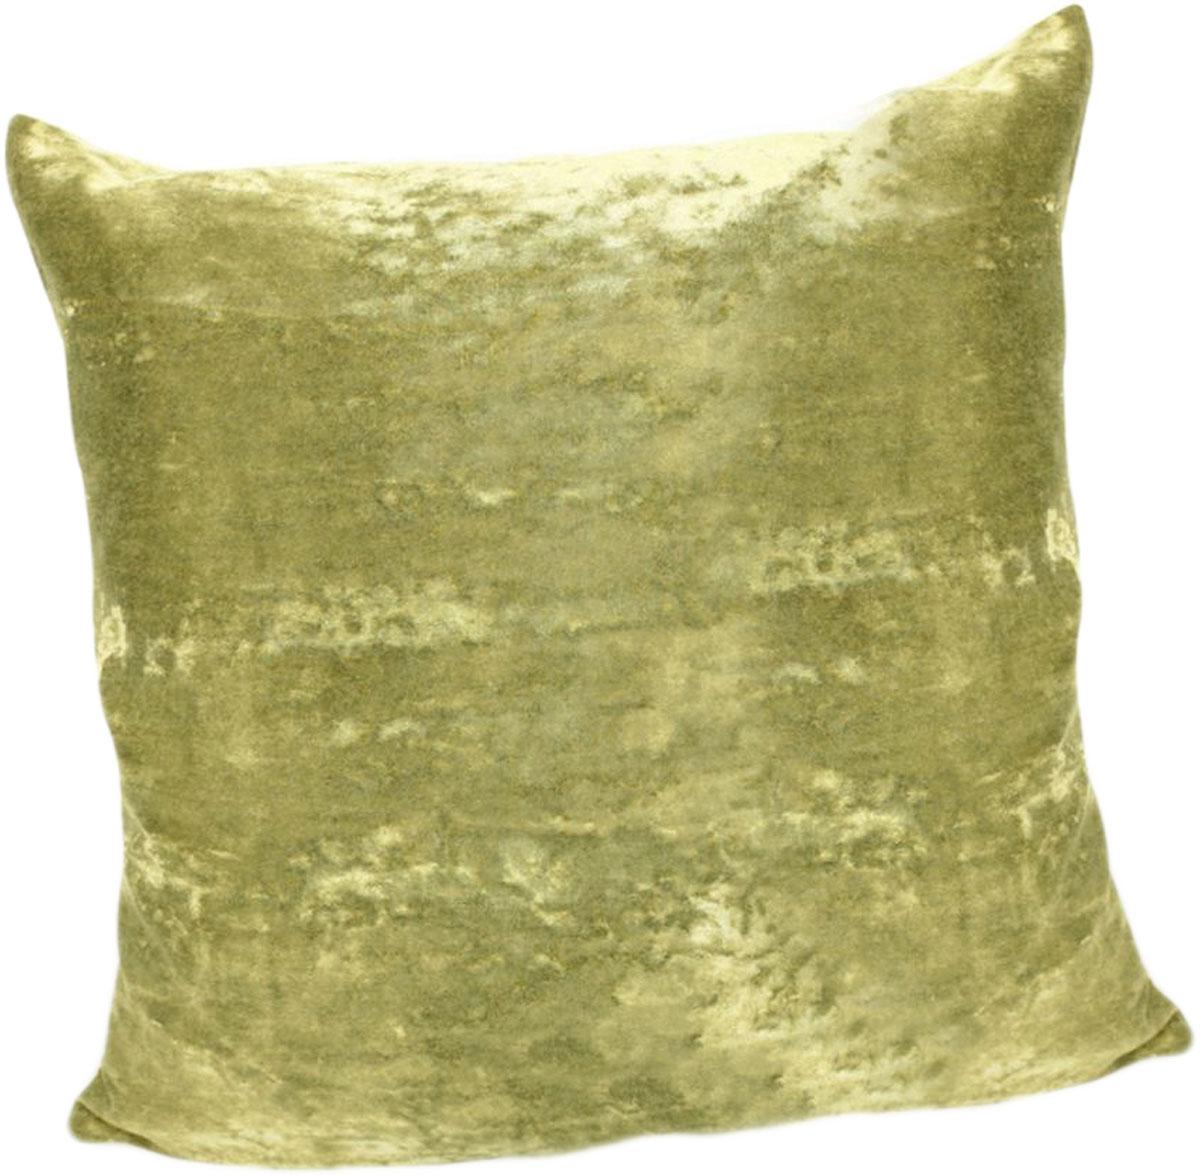 """Декоративная подушка """"Бархат"""" прекрасно дополнит интерьер спальни или гостиной. Чехол подушки выполнен из бархата (49% вискоза, 42% хлопок и 9% полиэстер). Внутри находится мягкий наполнитель. Чехол легко снимается благодаря потайной молнии. Красивая подушка создаст атмосферу уюта и комфорта в спальне и станет прекрасным элементом декора."""